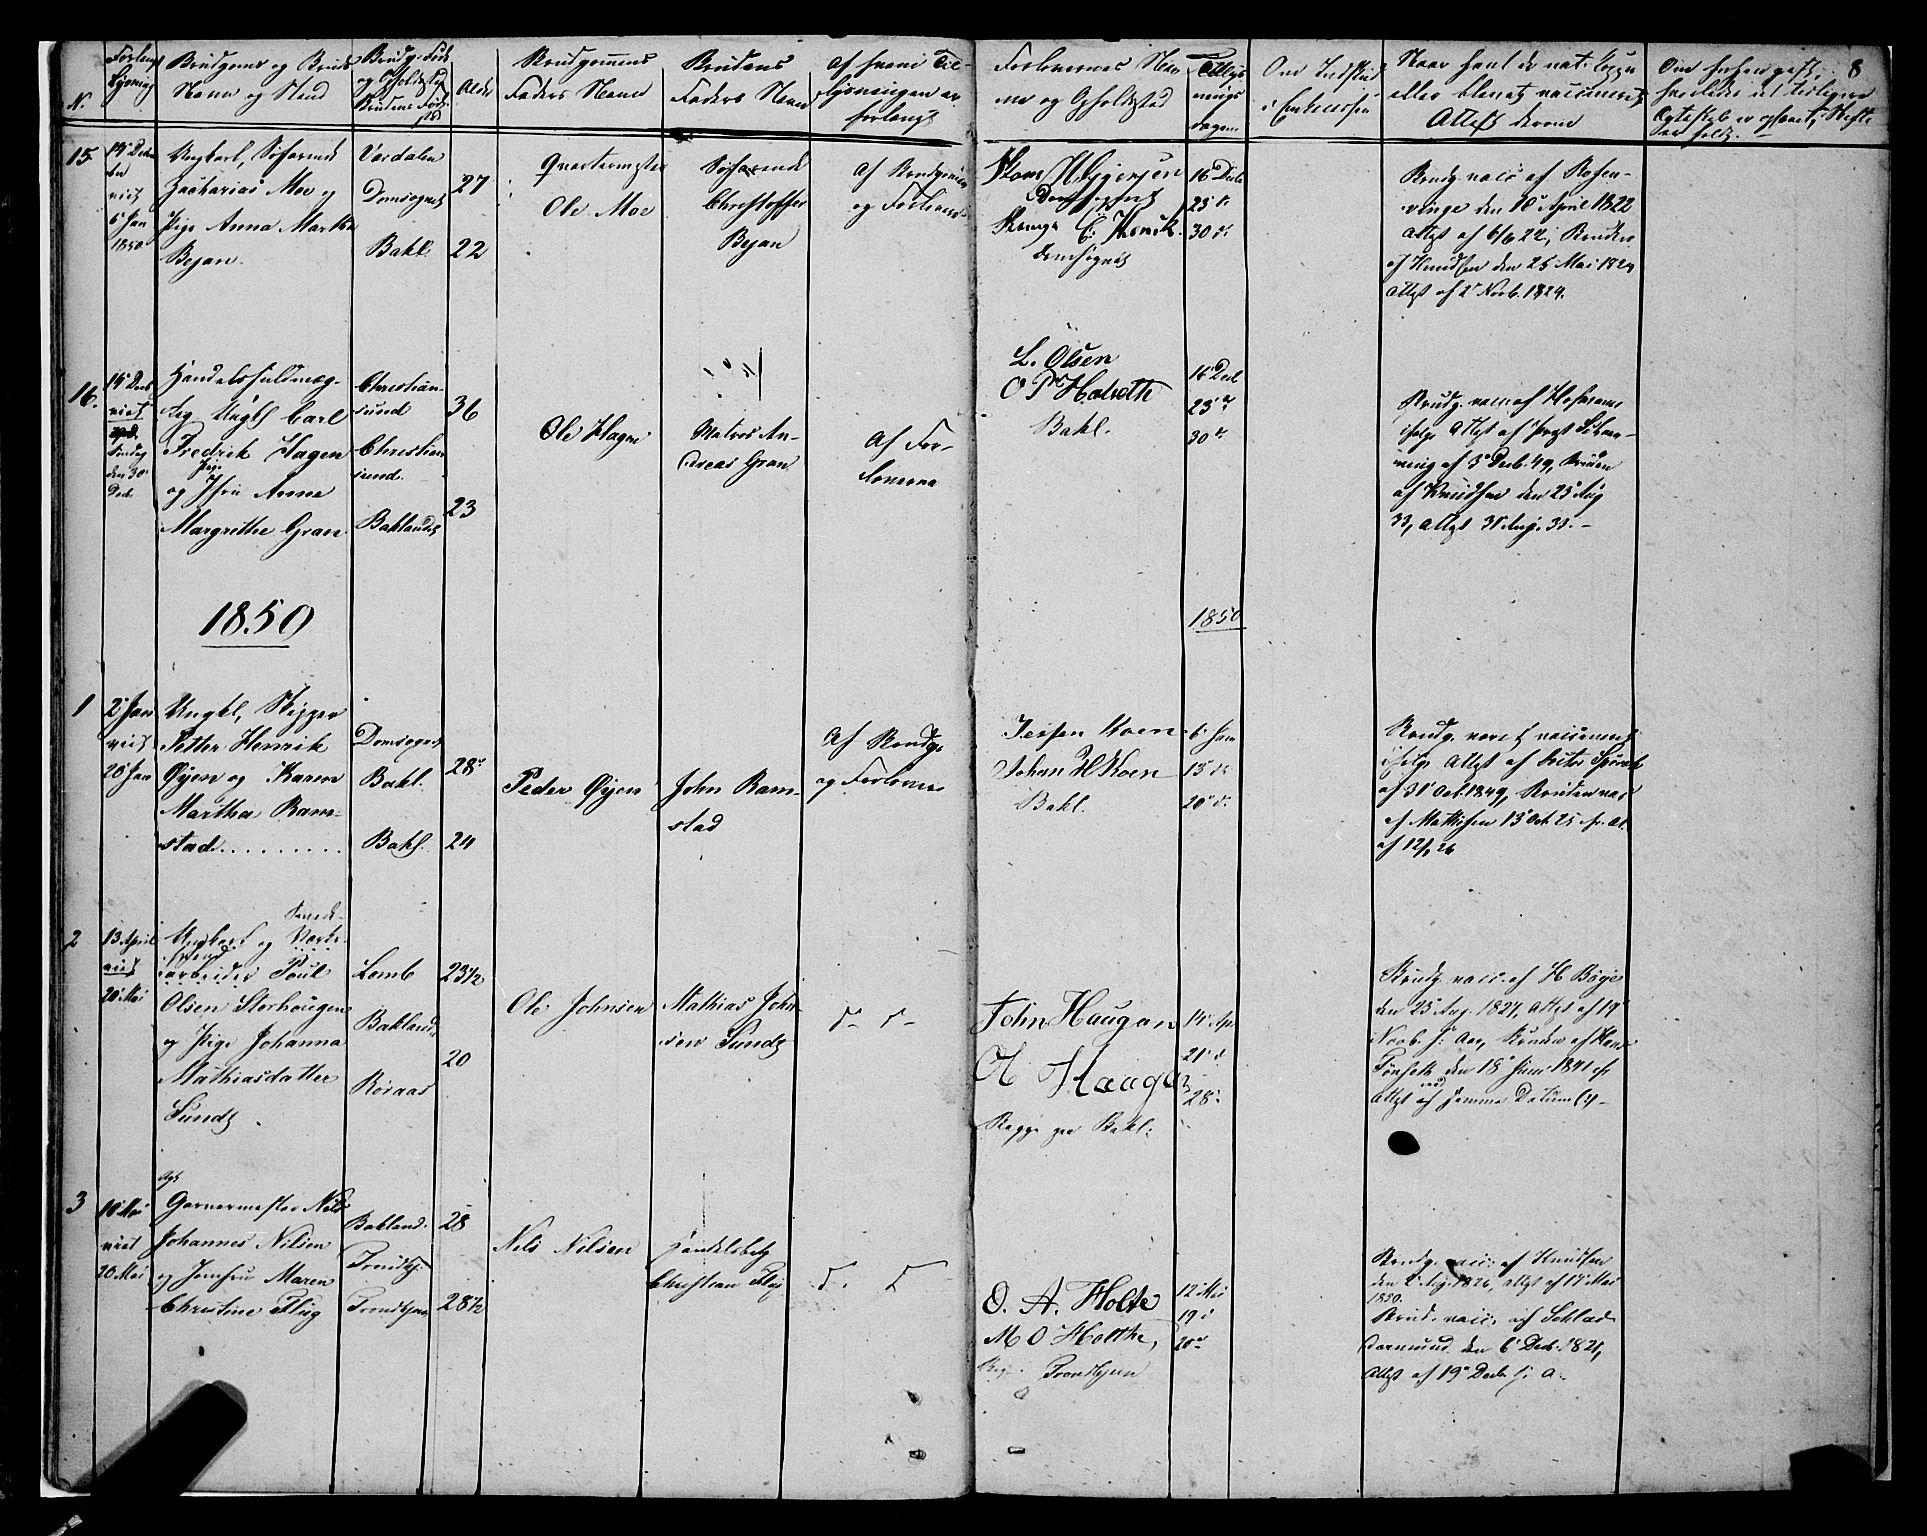 SAT, Ministerialprotokoller, klokkerbøker og fødselsregistre - Sør-Trøndelag, 604/L0187: Ministerialbok nr. 604A08, 1847-1878, s. 8